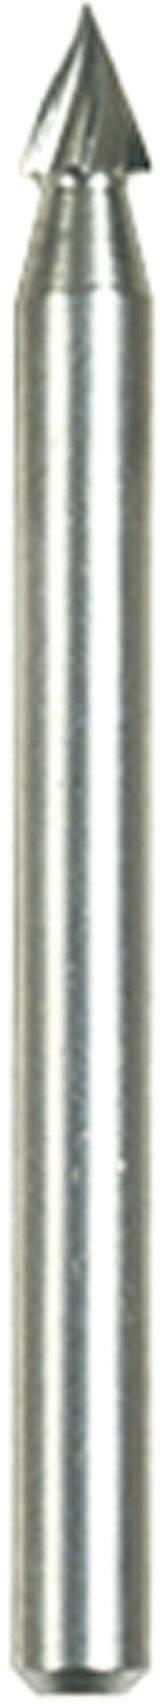 Vysokorychlostní fréza 3,2 mm Dremel 118